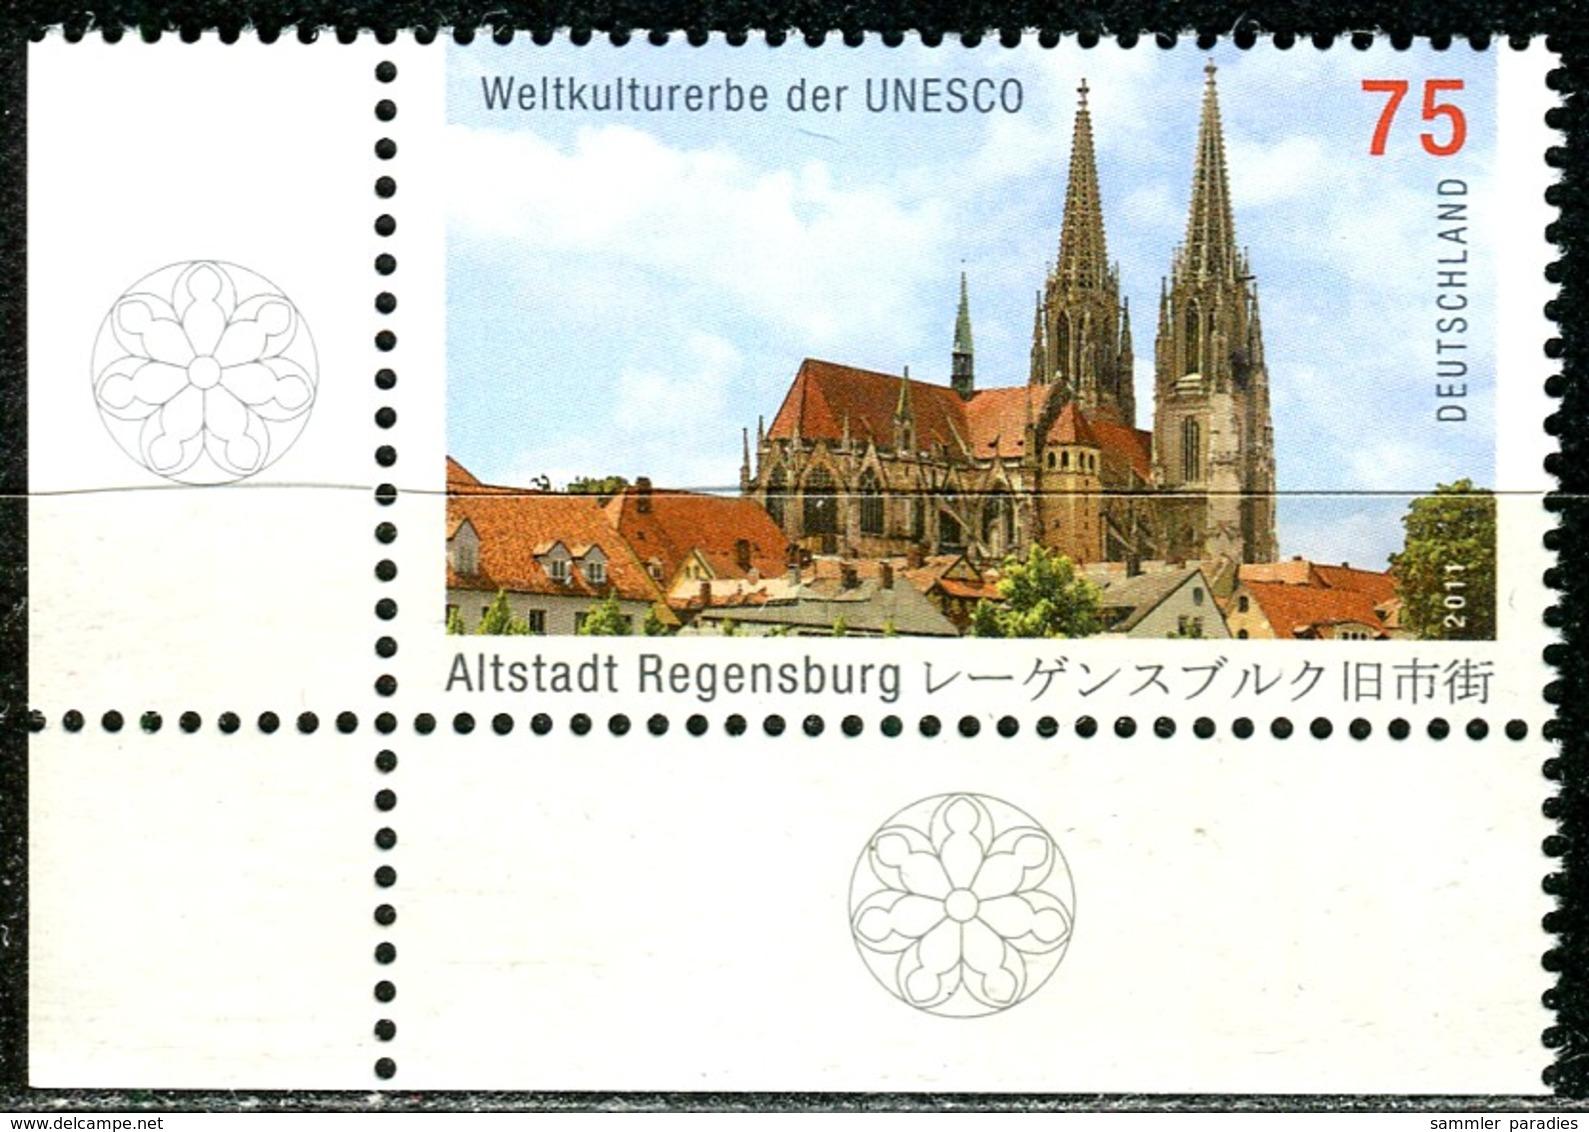 BRD - Michel 2845 ECKE LIU - ** Postfrisch (A) - 75C  UNESCO Weltkulturerbe Regensburg Altstadt - [7] Federal Republic